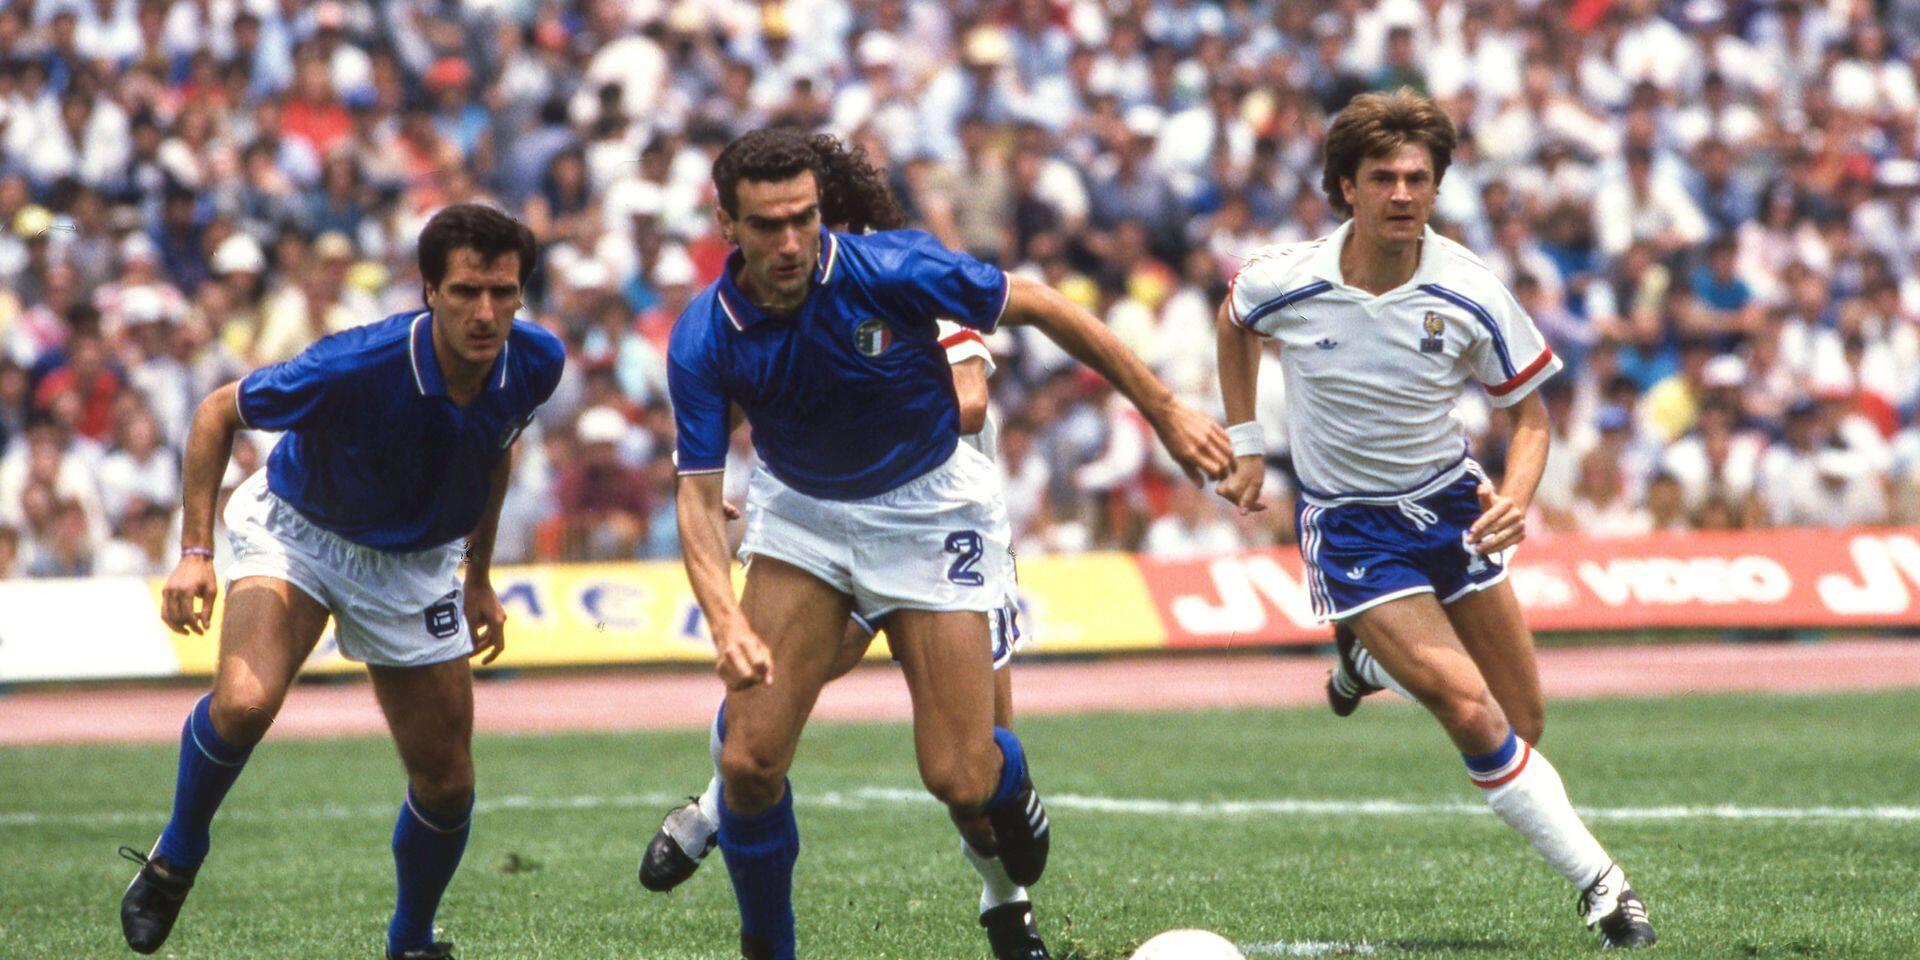 """Le champion du monde 82, Giuseppe Bergomi, préface Belgique-Italie : """"Chiellini est le mieux préparé pour limiter Lukaku"""""""